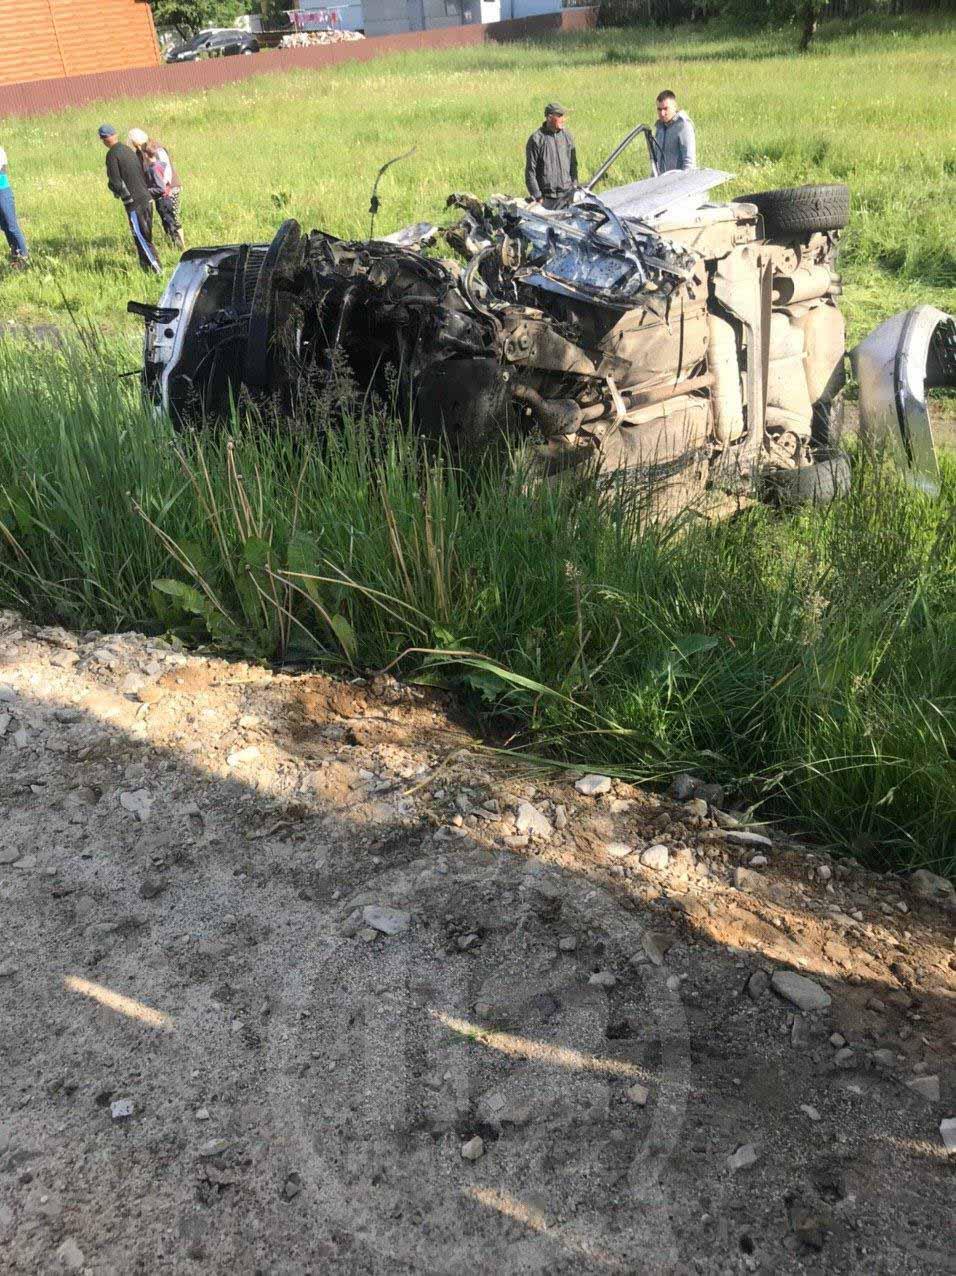 У Голині перекинулася автівка: є постраждалі – очевидці (ФОТО, ВІДЕО)